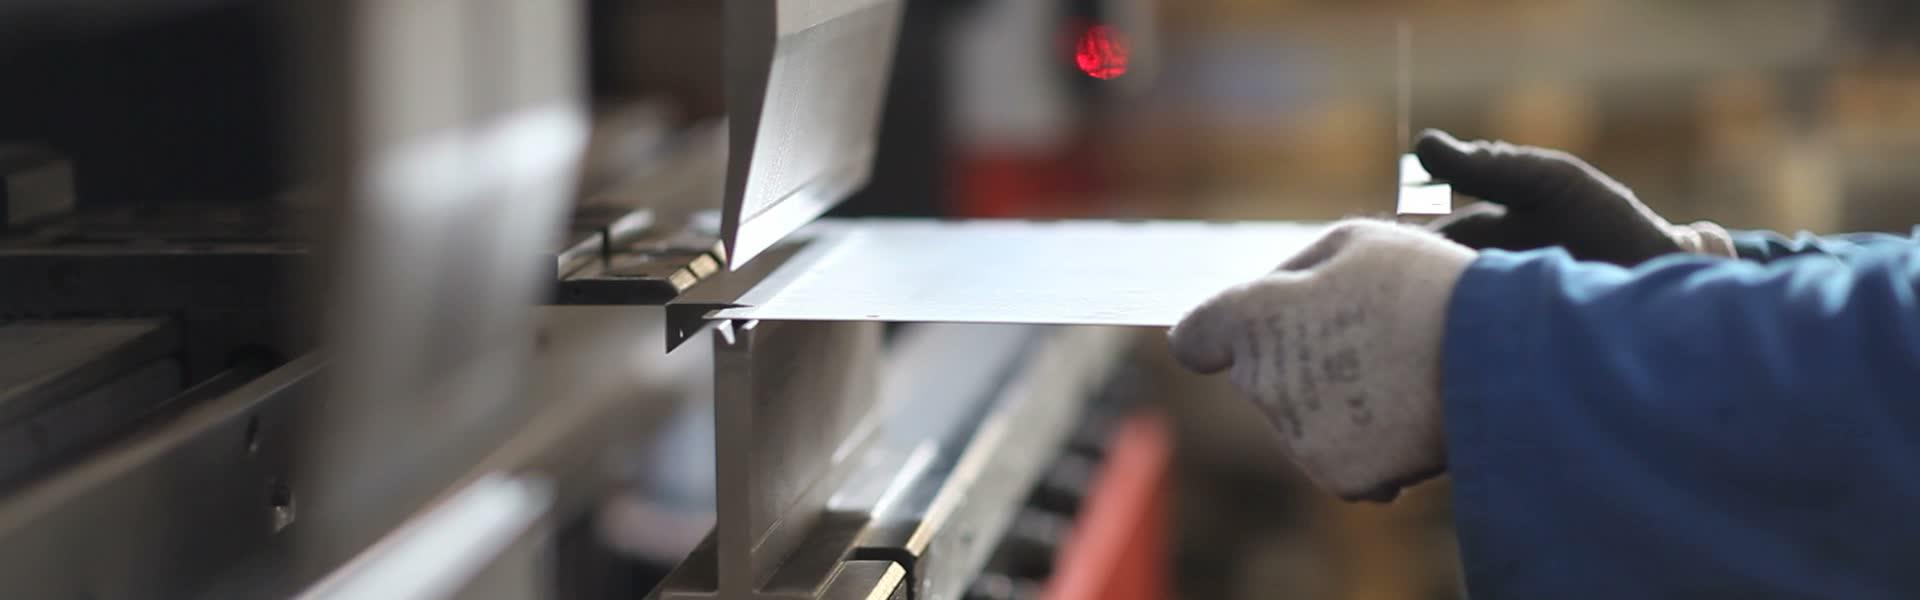 sheet-metal-work-fabrication-in-penang